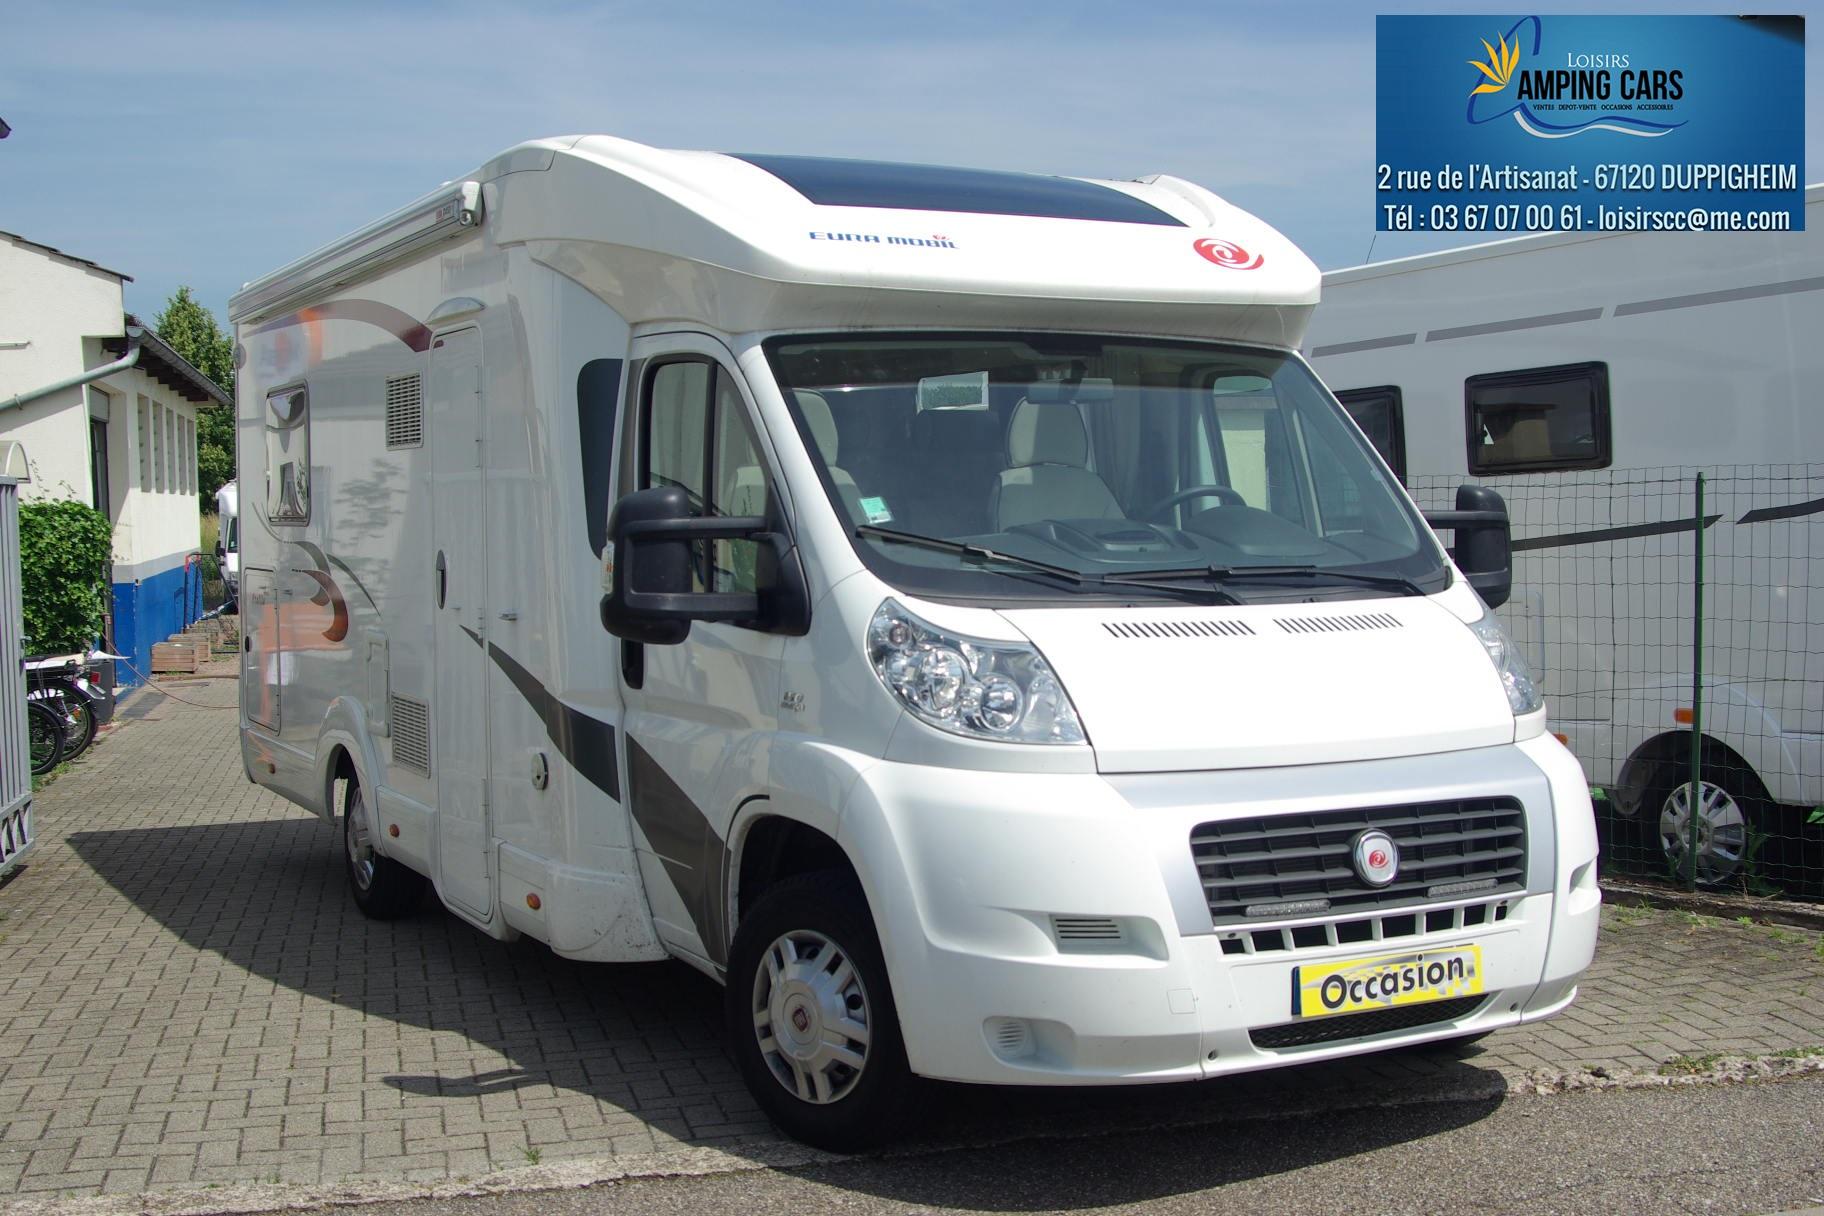 eura mobil profila rs 720 qb occasion de 2015 fiat camping car en vente duppigheim rhin 67. Black Bedroom Furniture Sets. Home Design Ideas